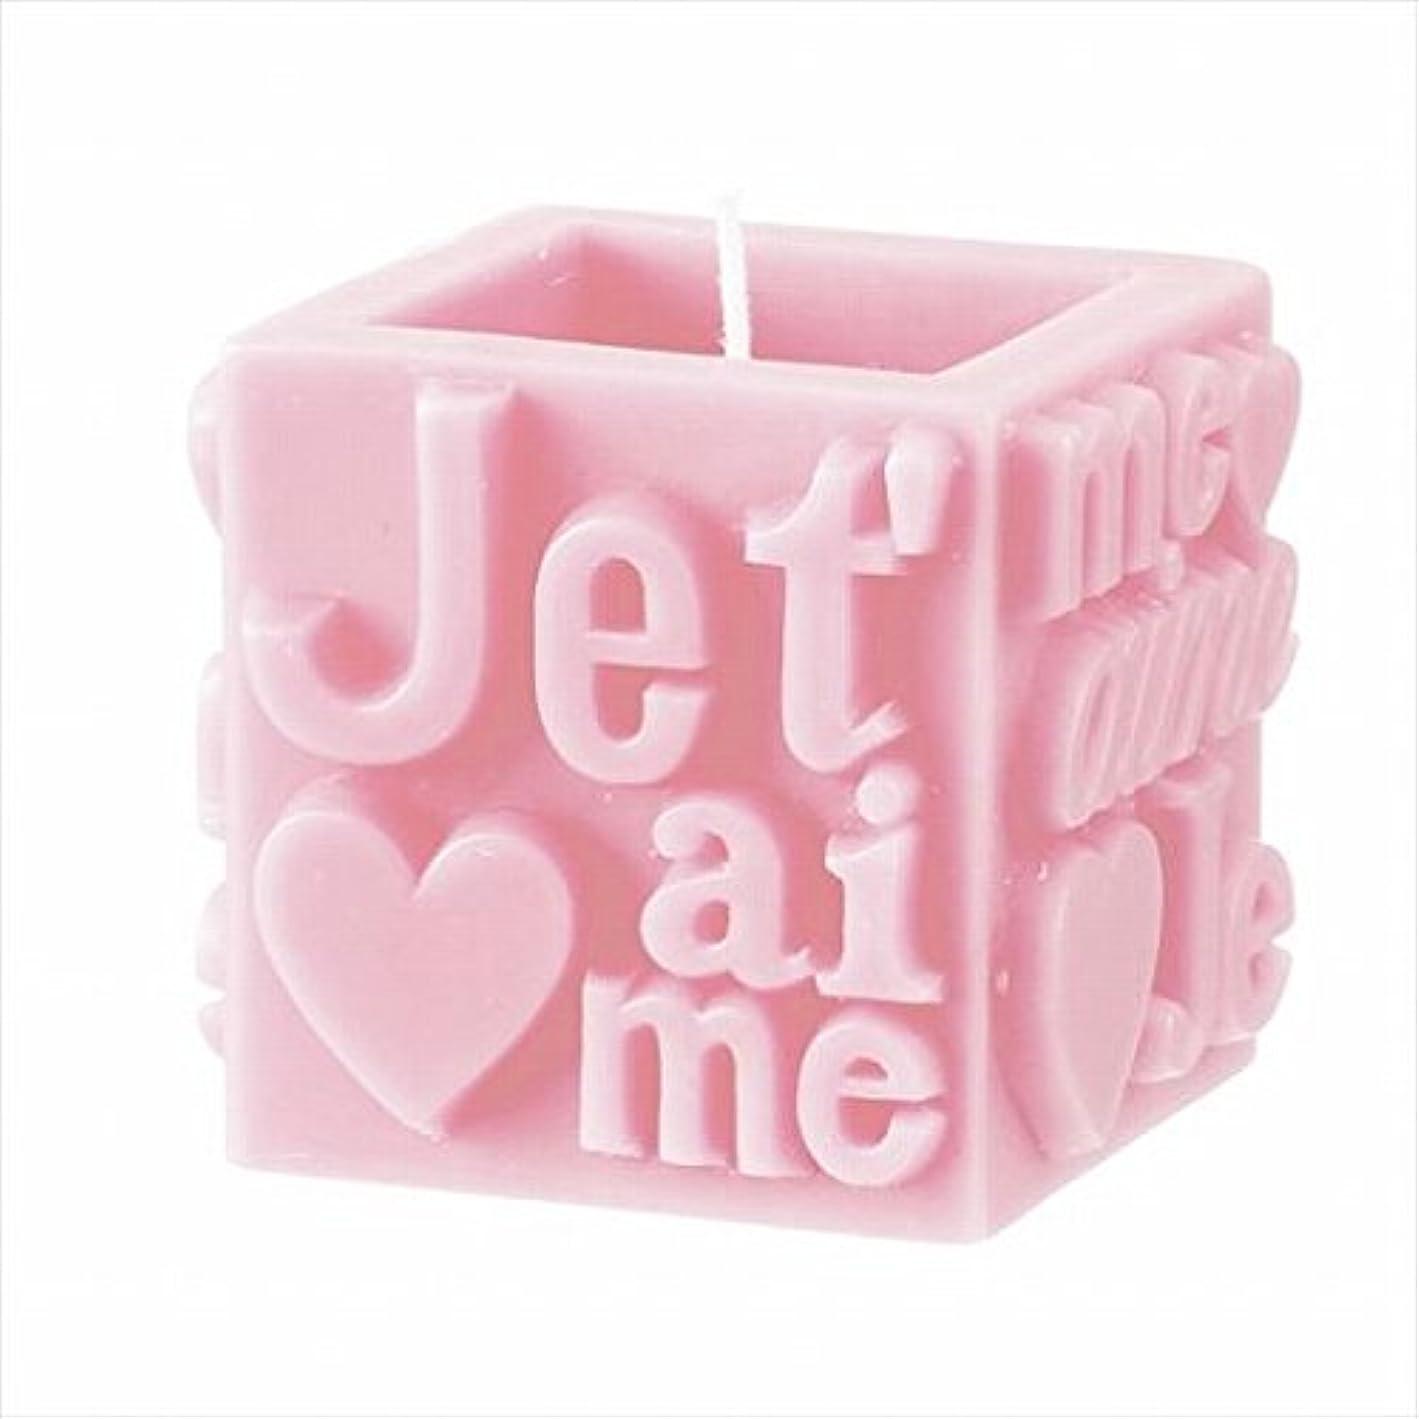 冷ややかなシールドジャンプカメヤマキャンドル(kameyama candle) ジュテーム 「 ライトピンク 」